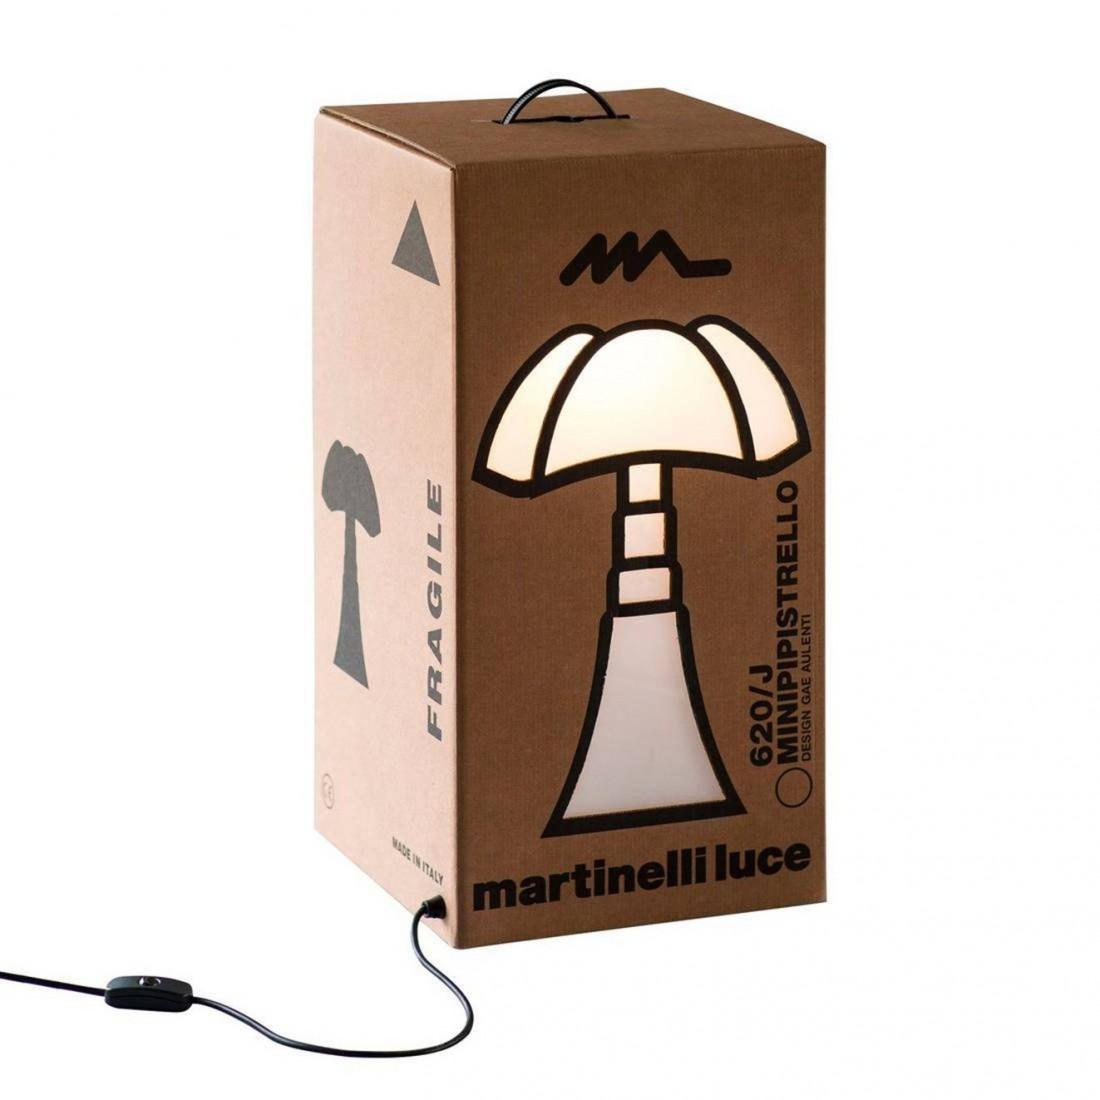 Lampe à poser Boîte en carton lumineuse - Martinelli Luce